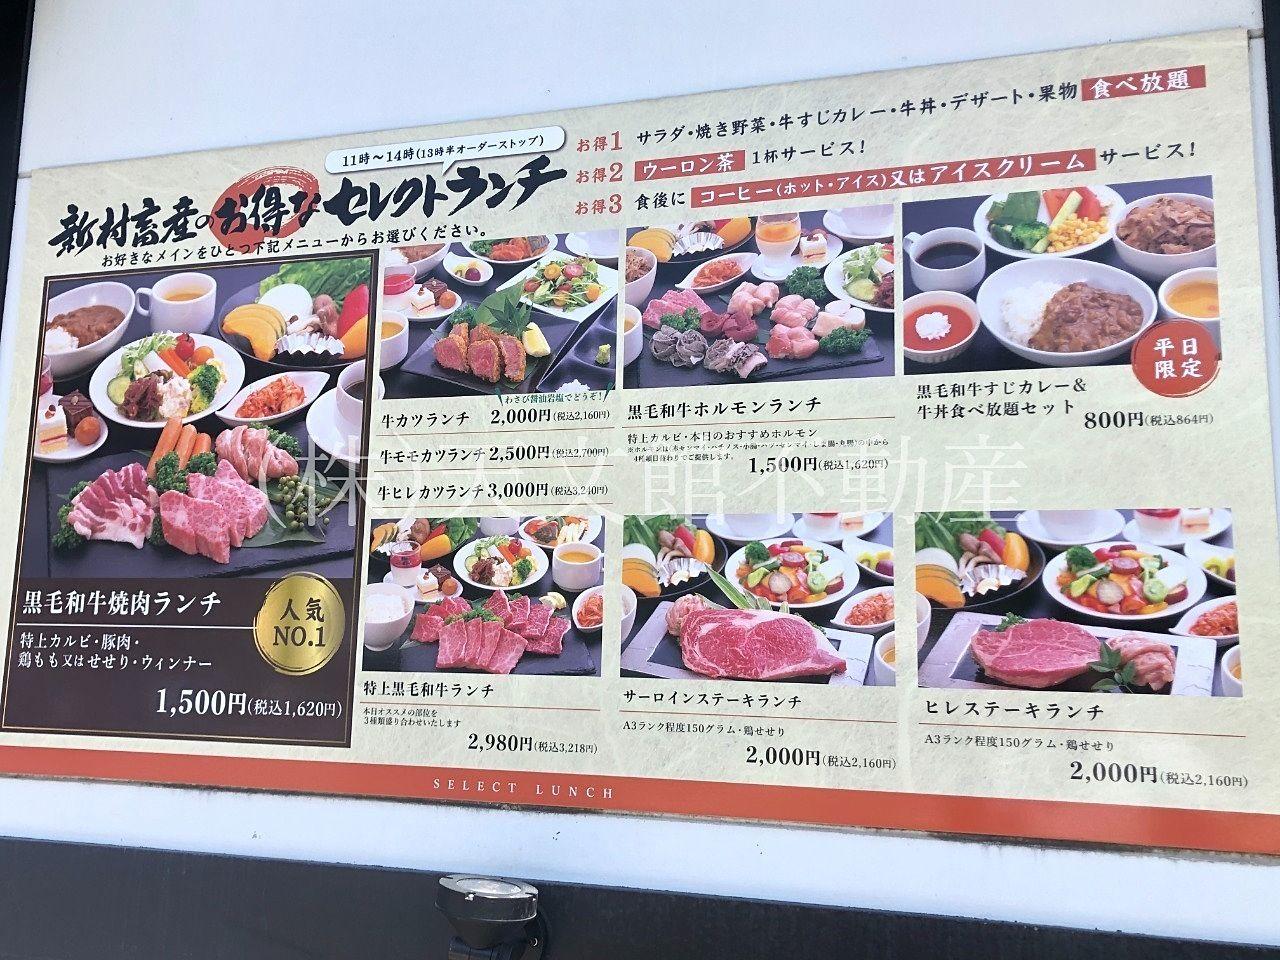 鹿児島県肝属郡肝付町前田「生肉専門店 新村畜産」のラインバイキングは安くておすすめです。